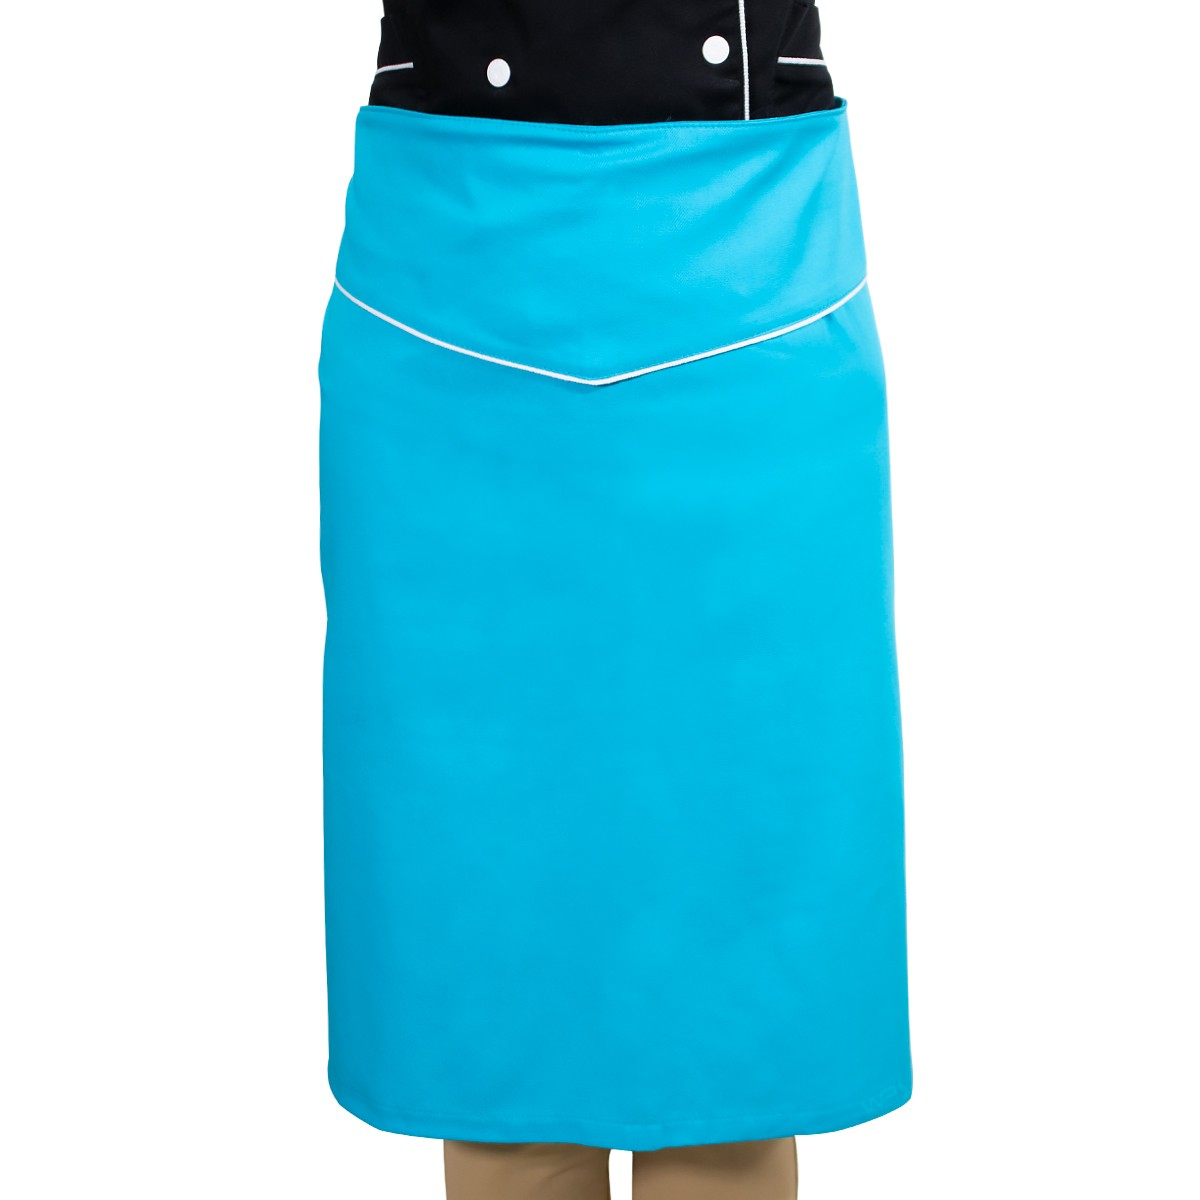 Avental de Cintura Azul Caribe Chef de Cozinha 100% Algodão